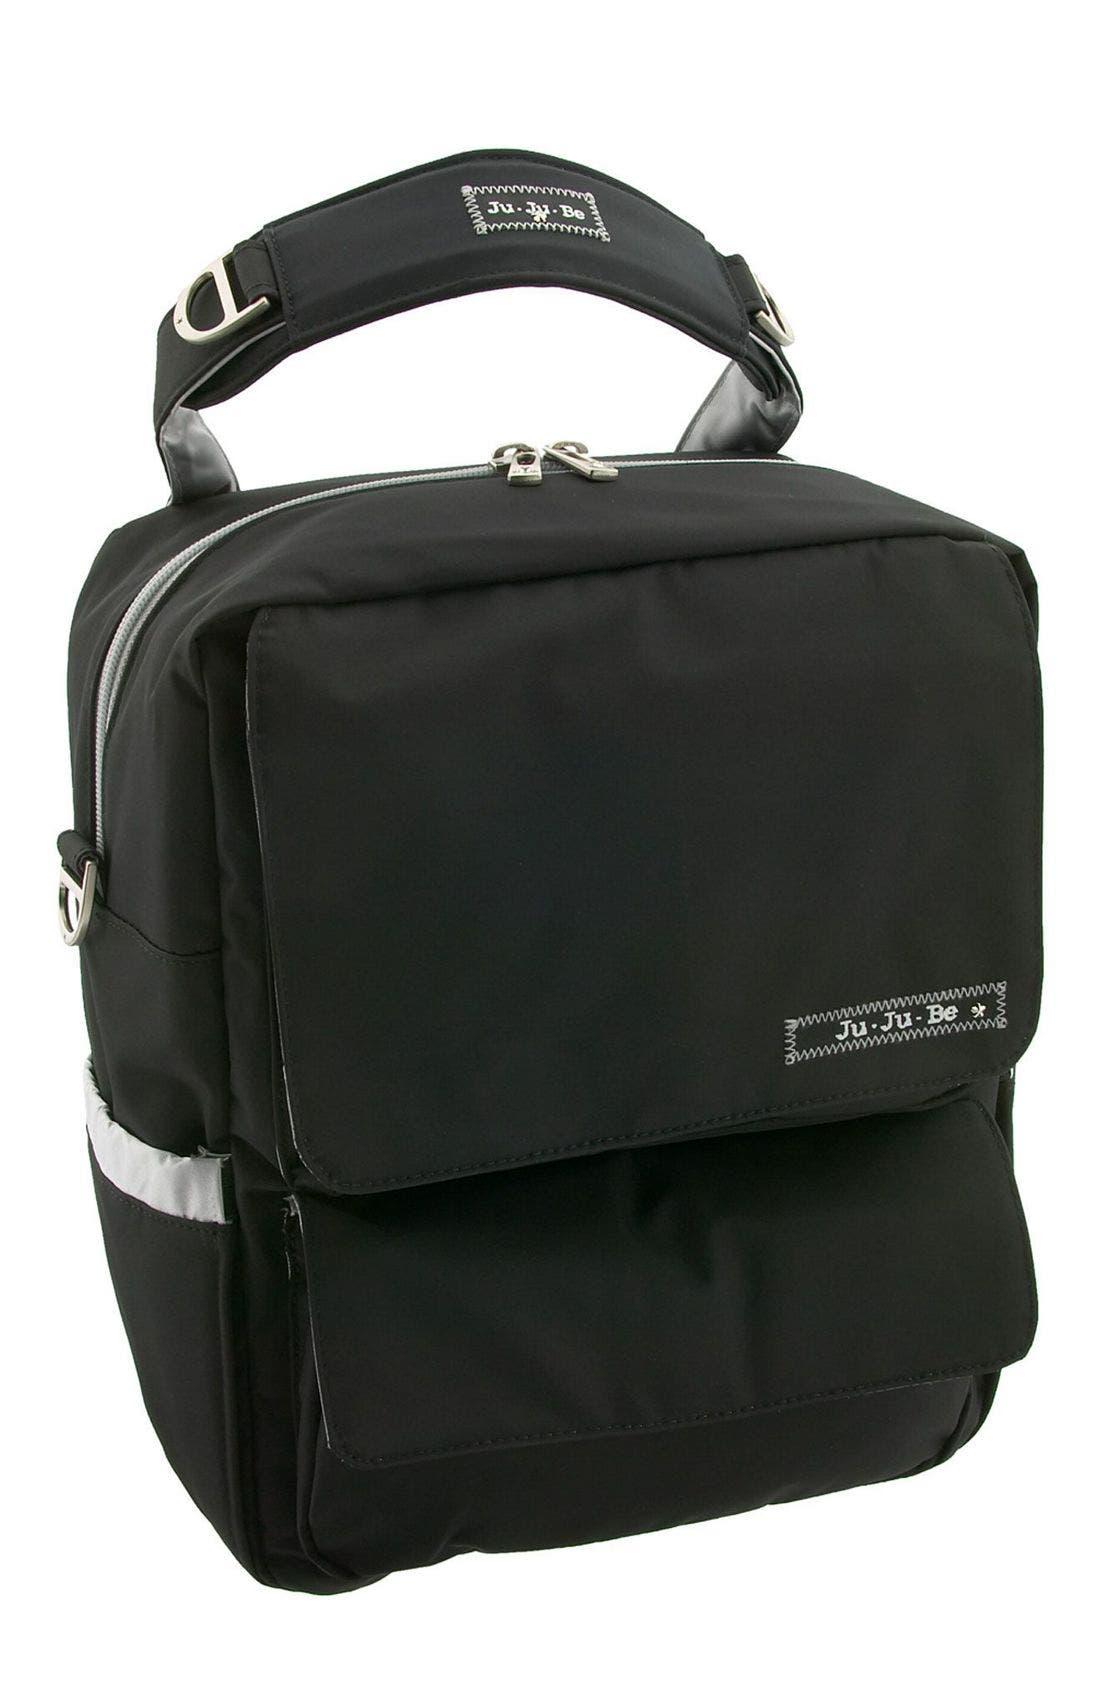 Main Image - Ju-Ju-Be 'Packabe' Convertible Diaper Bag